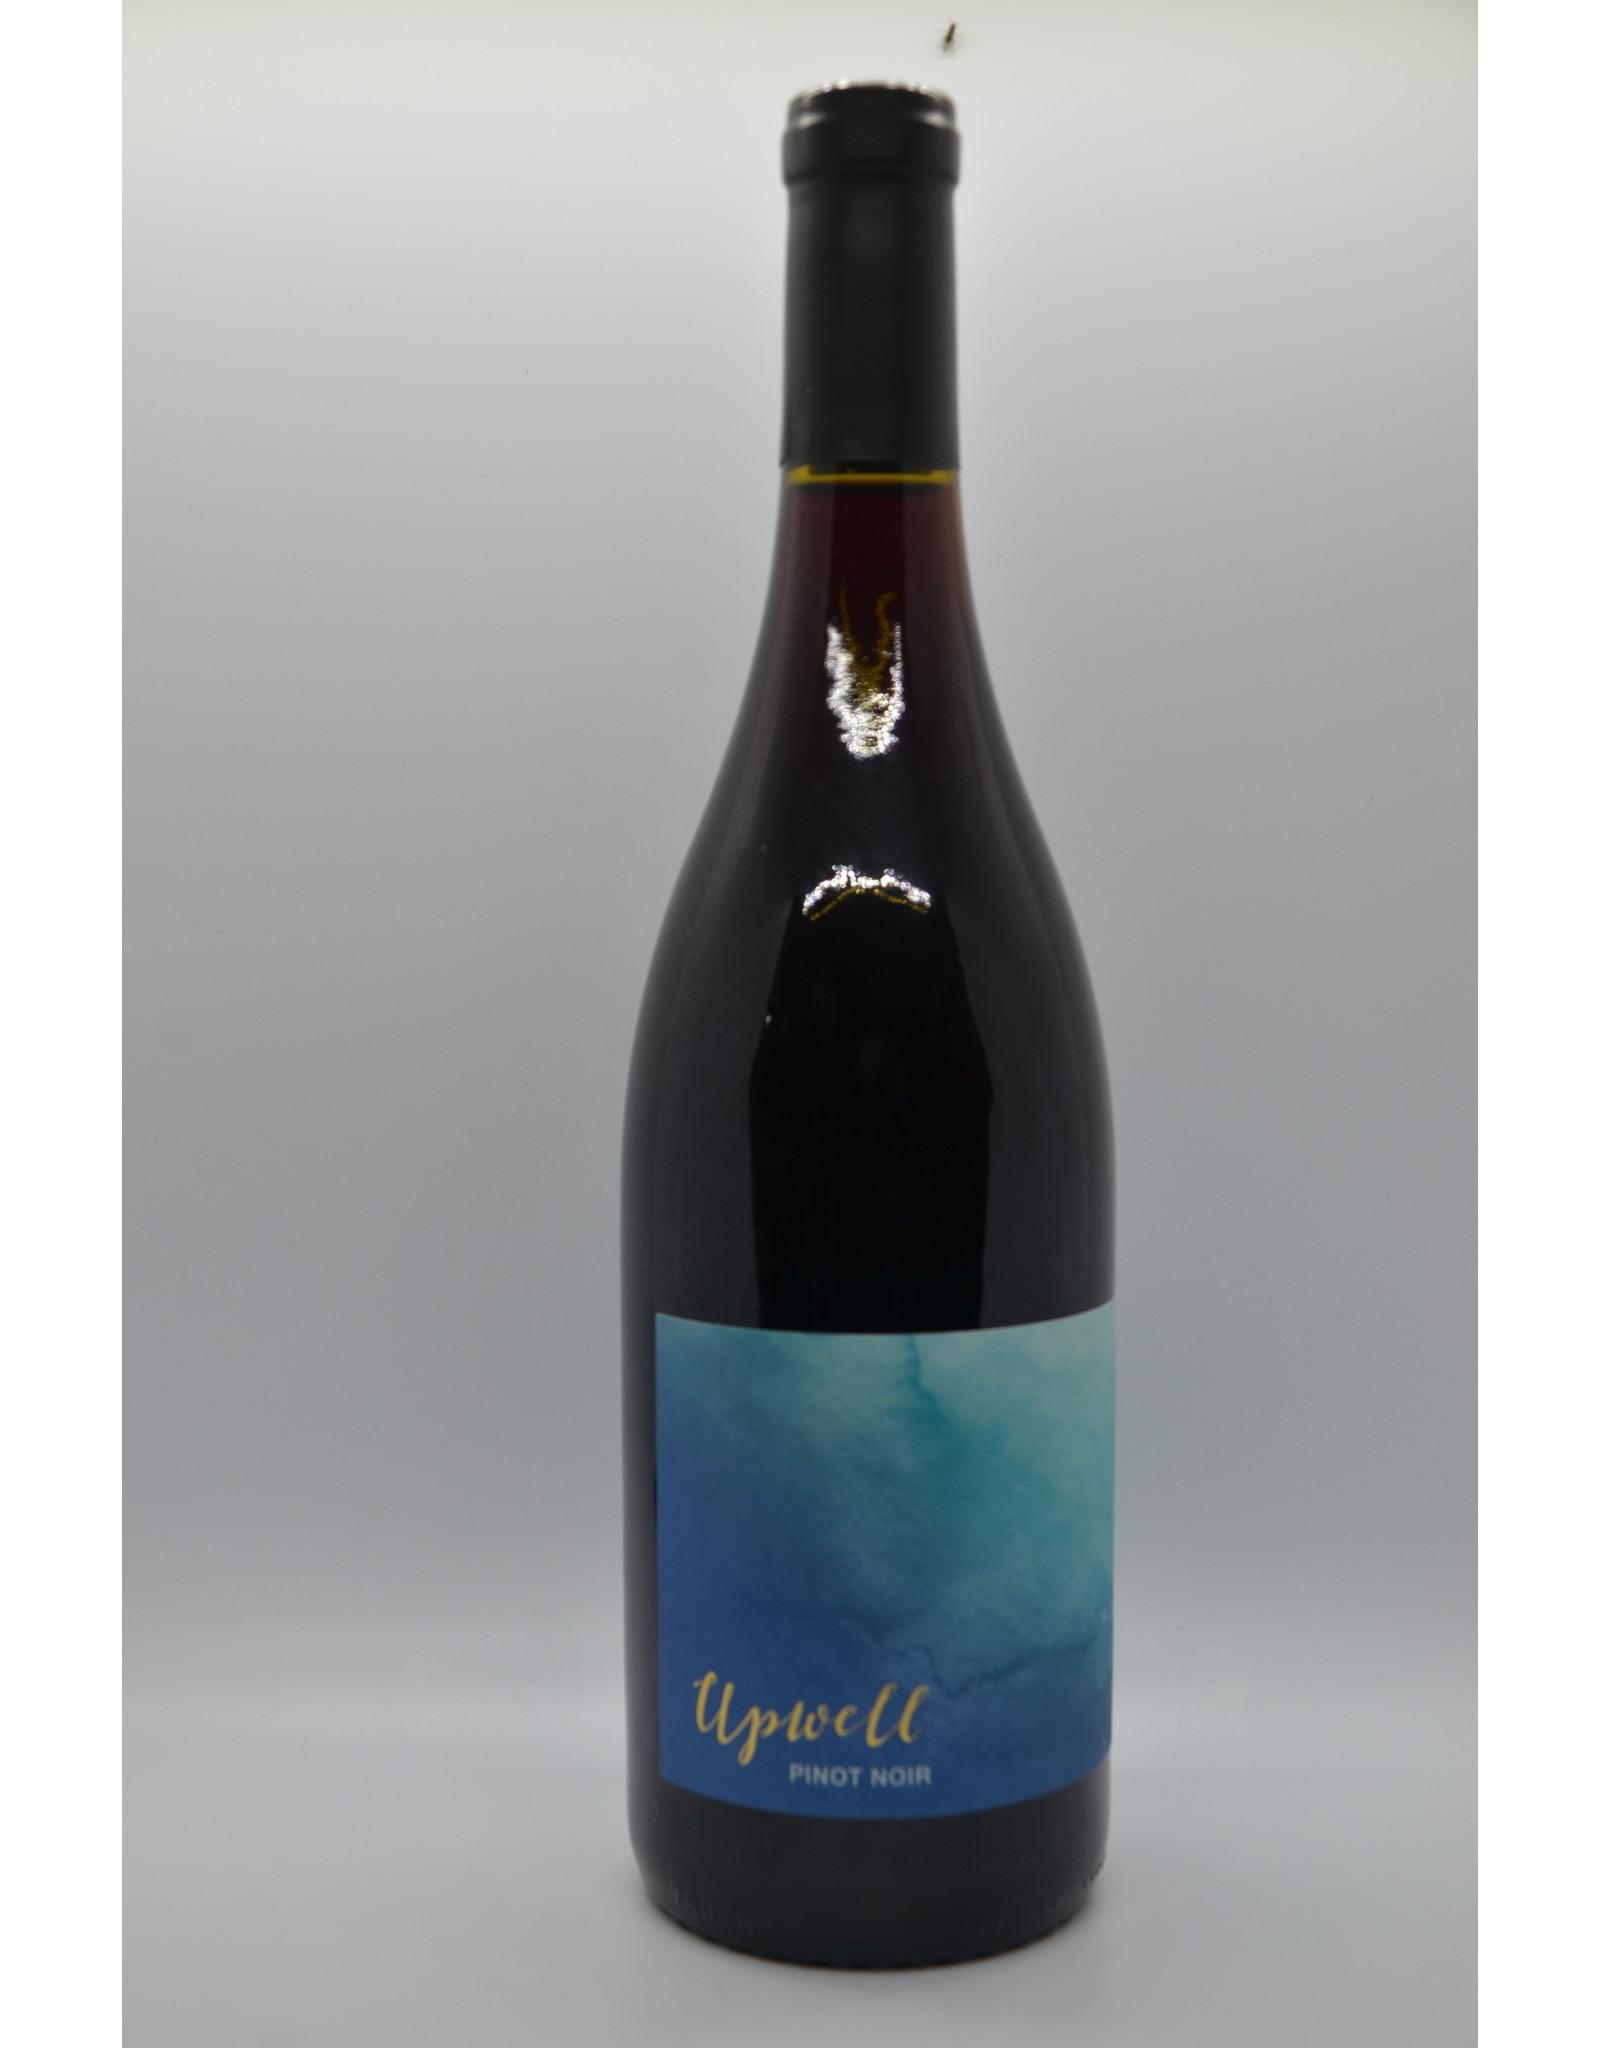 USA Upwell Pinot Noir